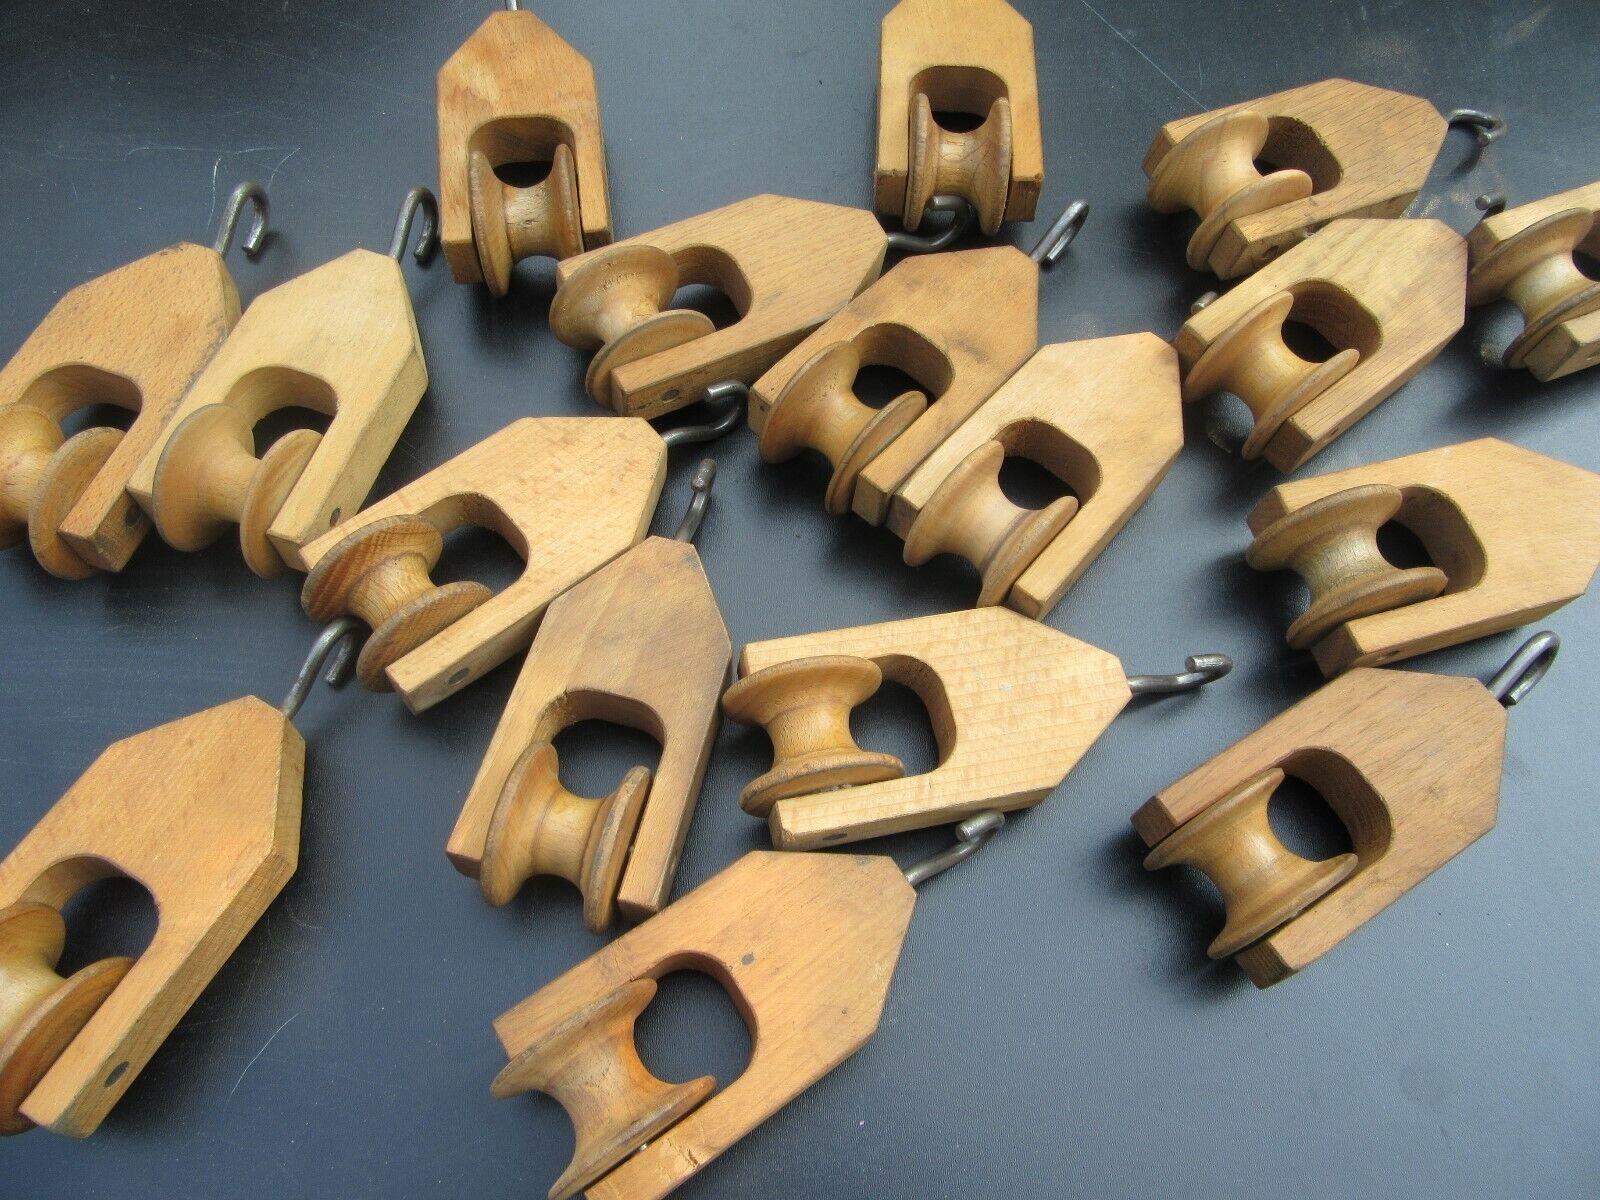 Umlenkrolle Holz Webstuhl Flaschenzug Industrie Design DEKO Laufrolle A82